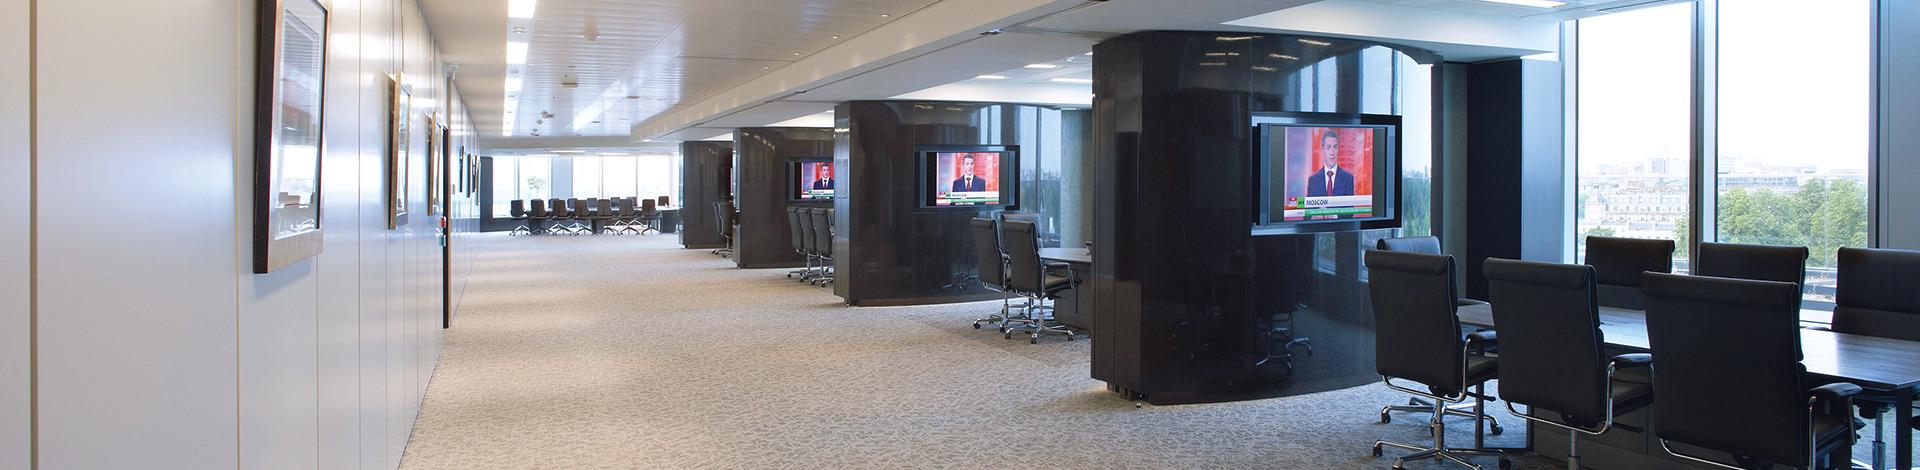 Trennwand Systeme Wande Raumteiler Schallschutz Losch Wandsysteme